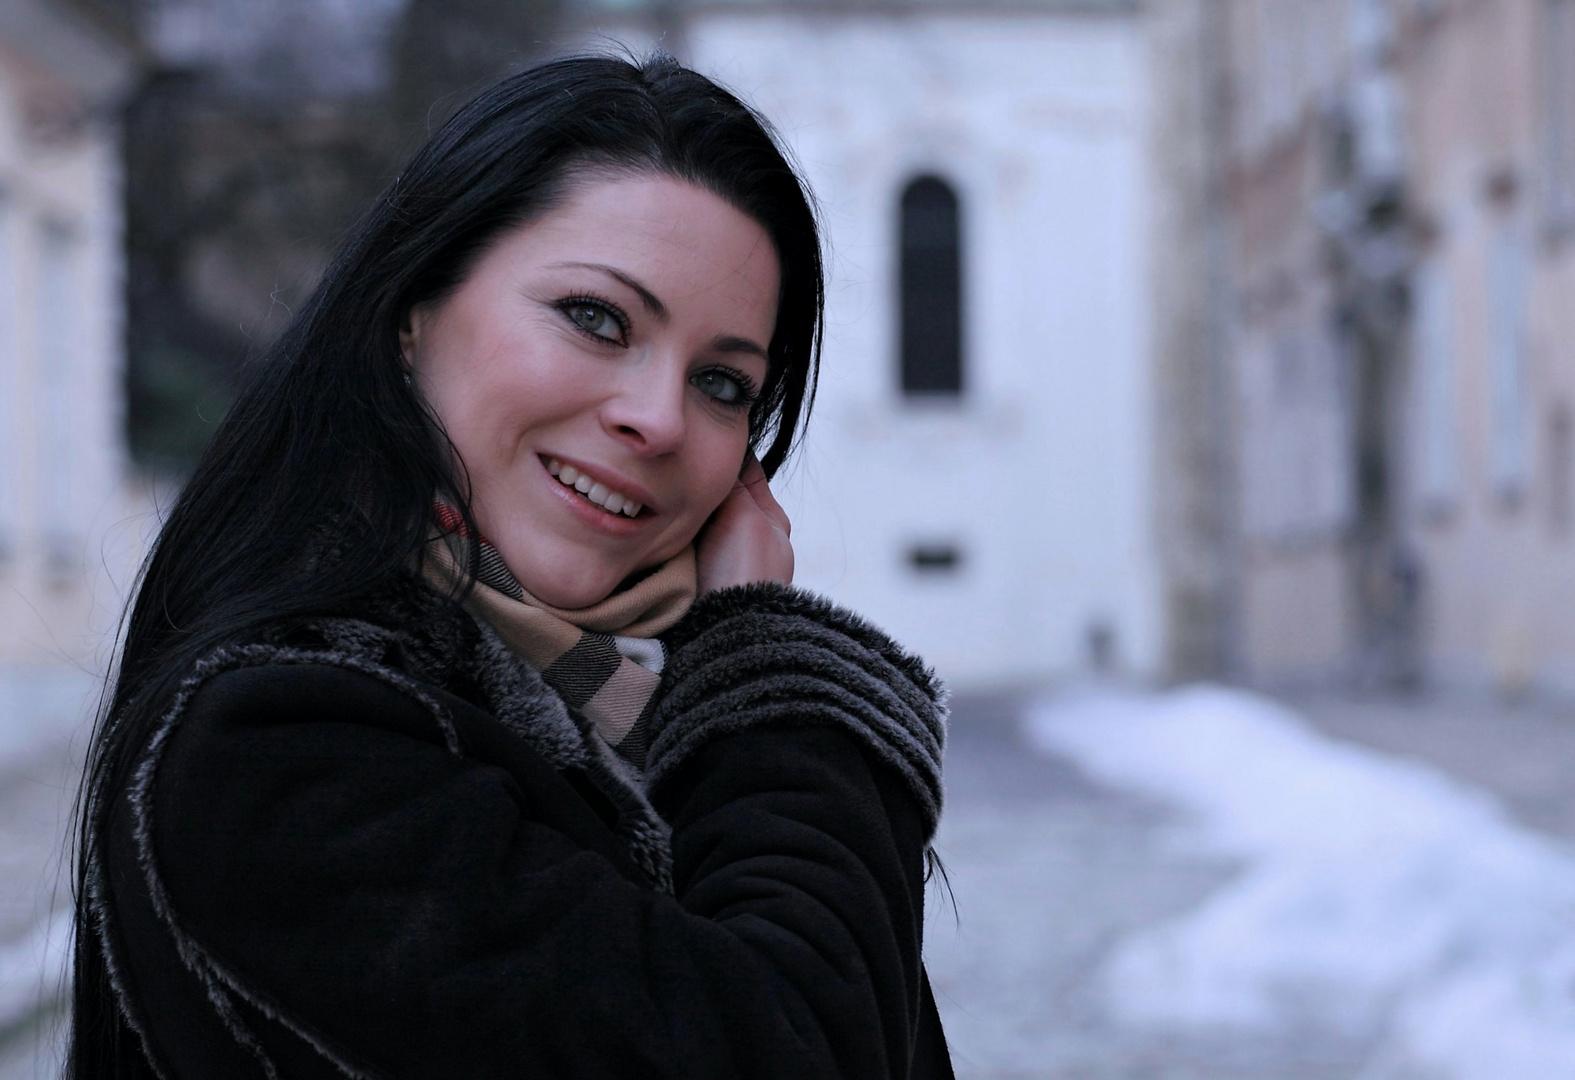 Ein Lächeln... (Janka - neue Bea)